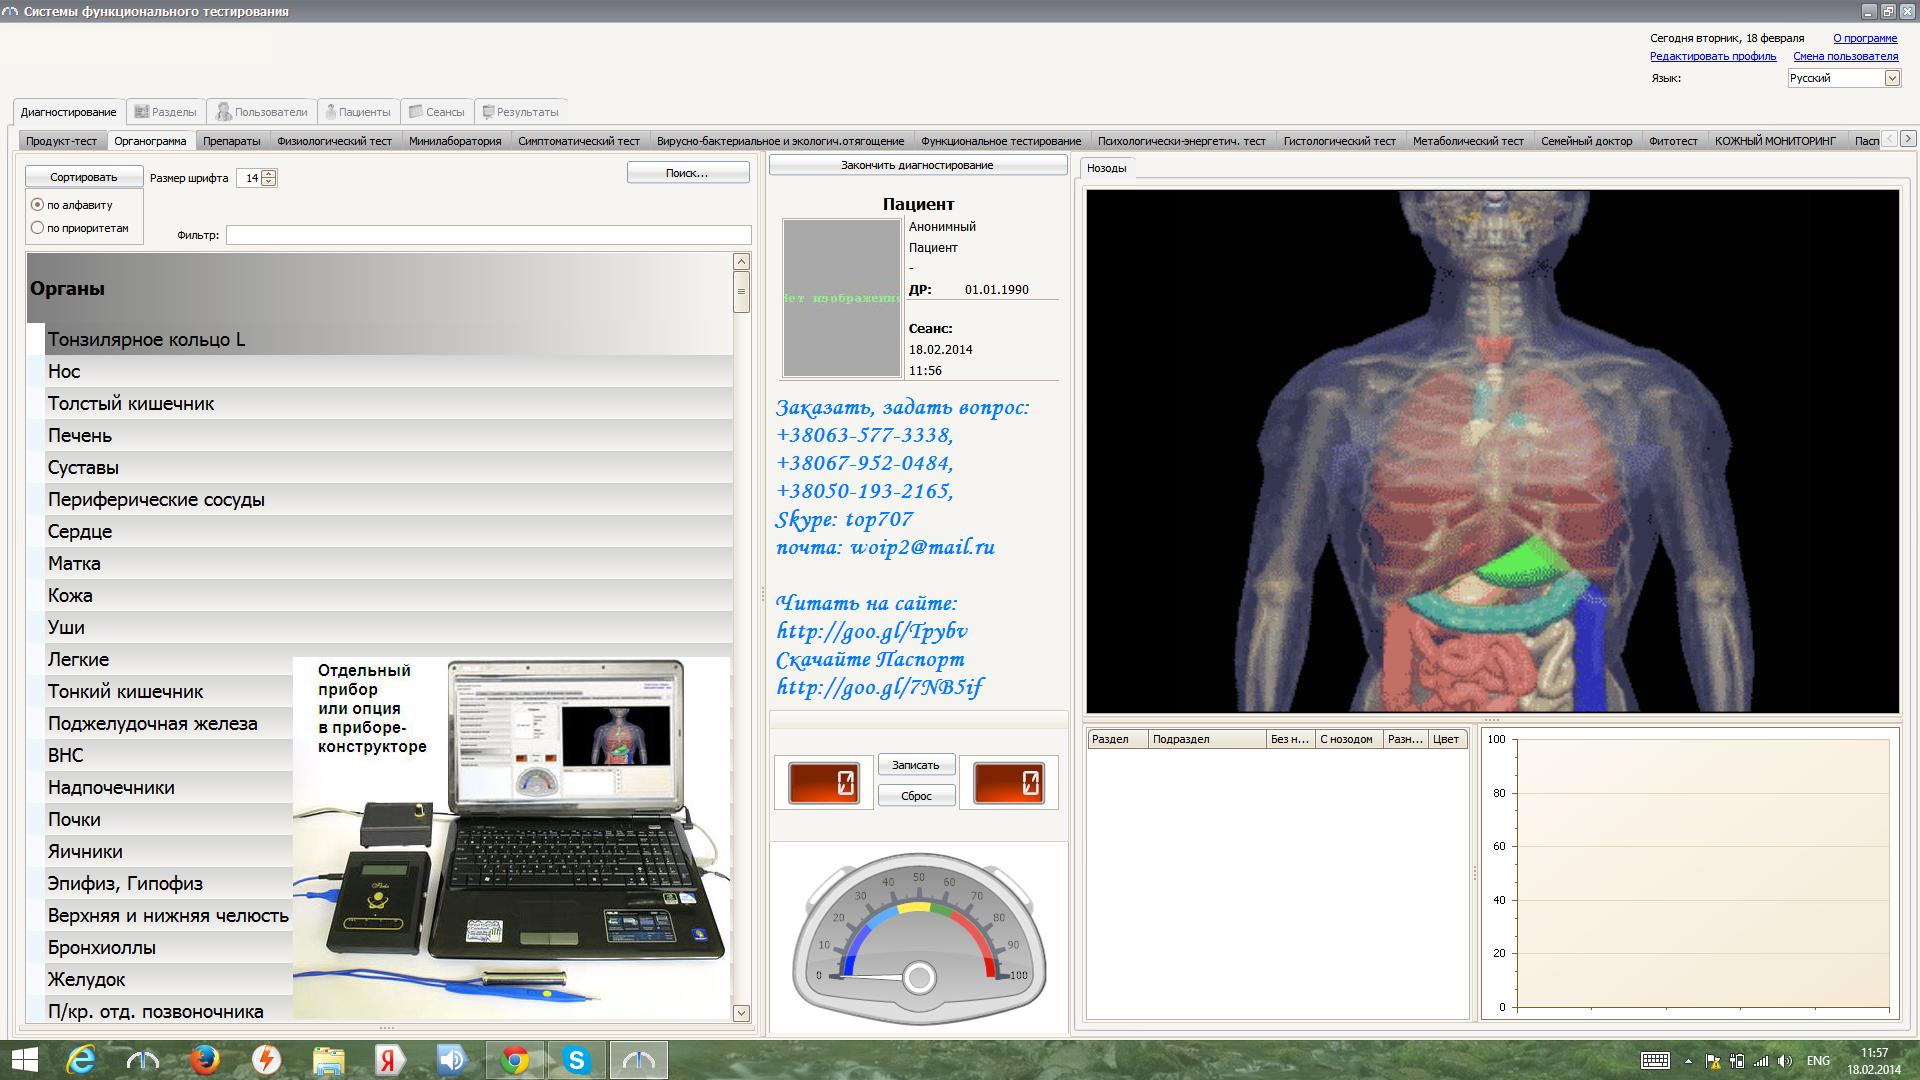 Мед.прибор для органоспецифической и патоморфологической диагностики «Паркес-Д»